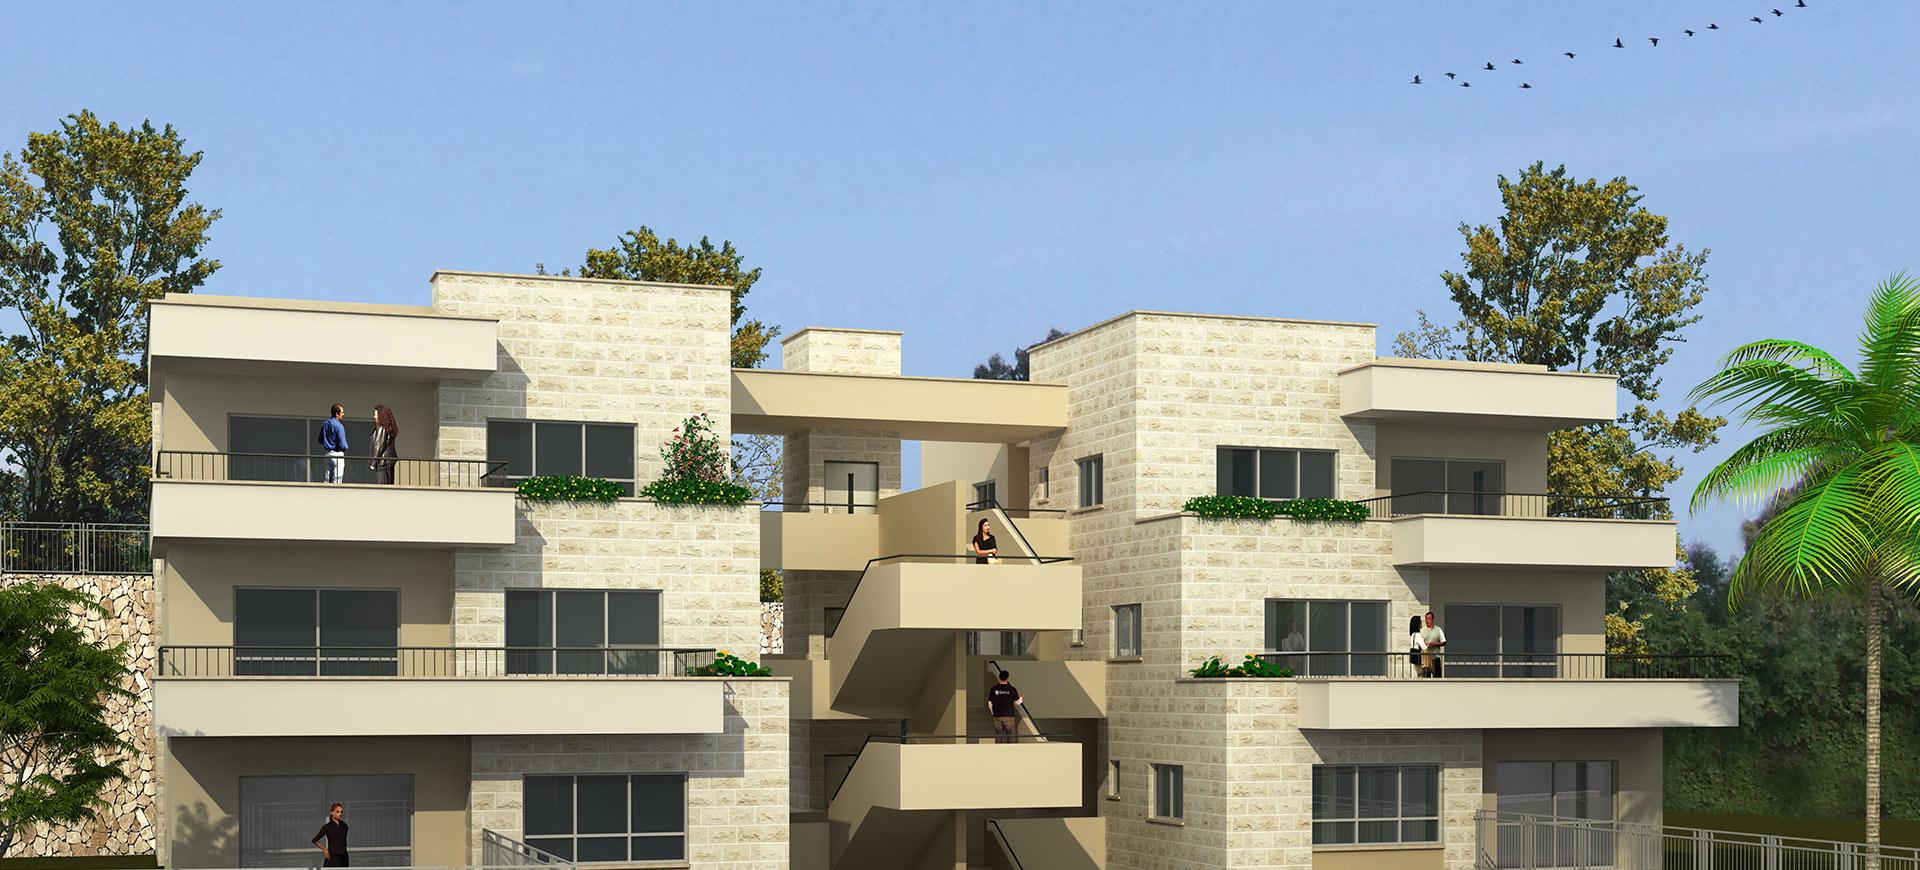 אשגב - esgav -הדמיה בניינים